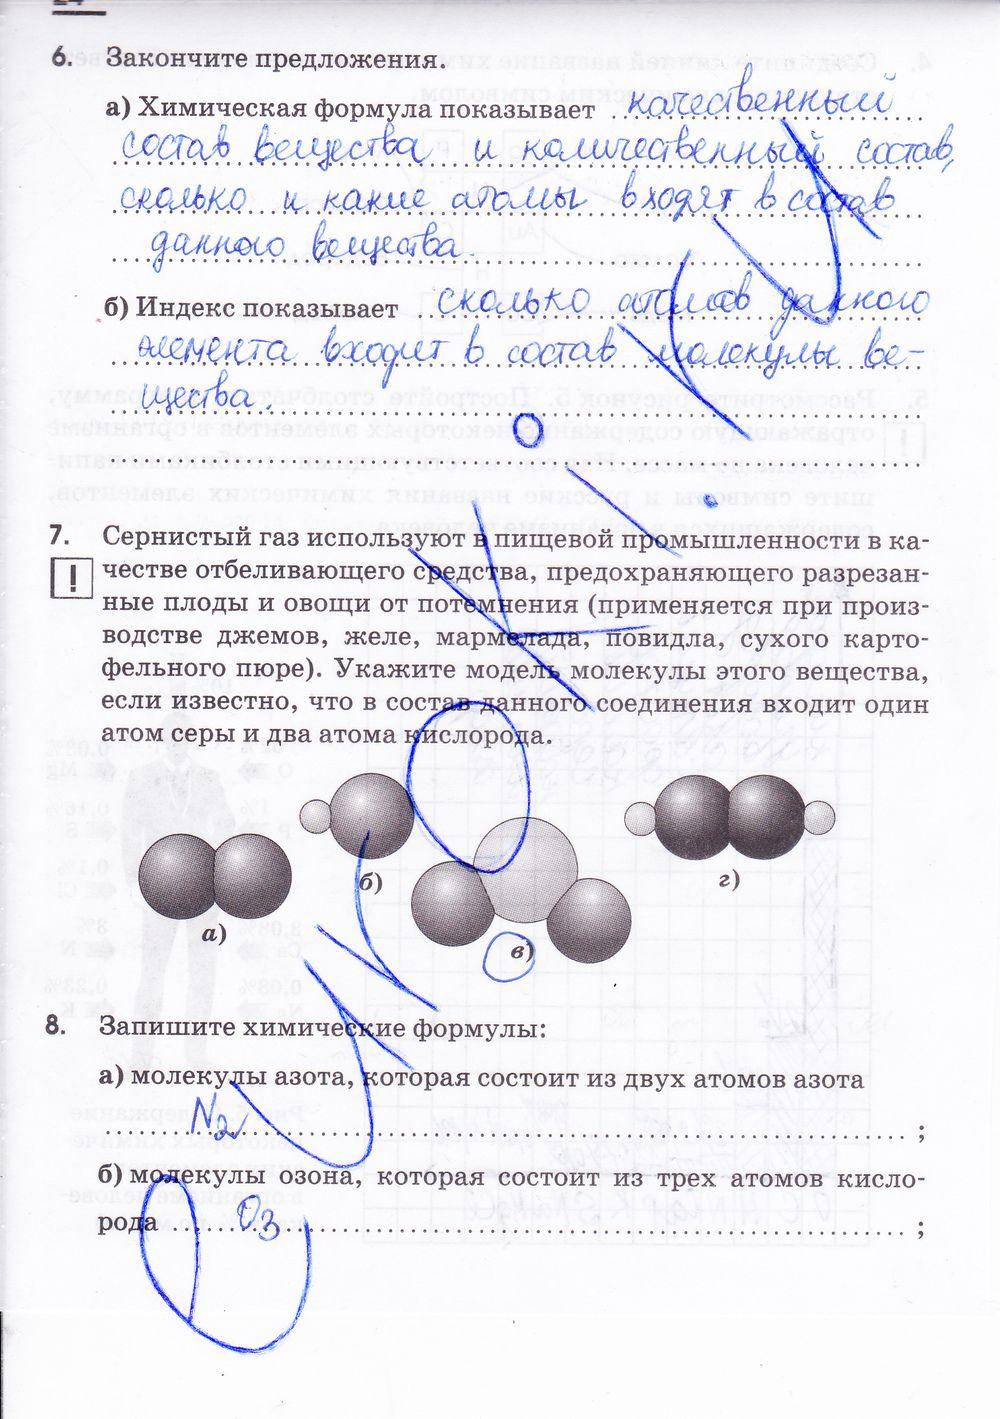 Гдз по татарскому языку 7 класс тетрадь